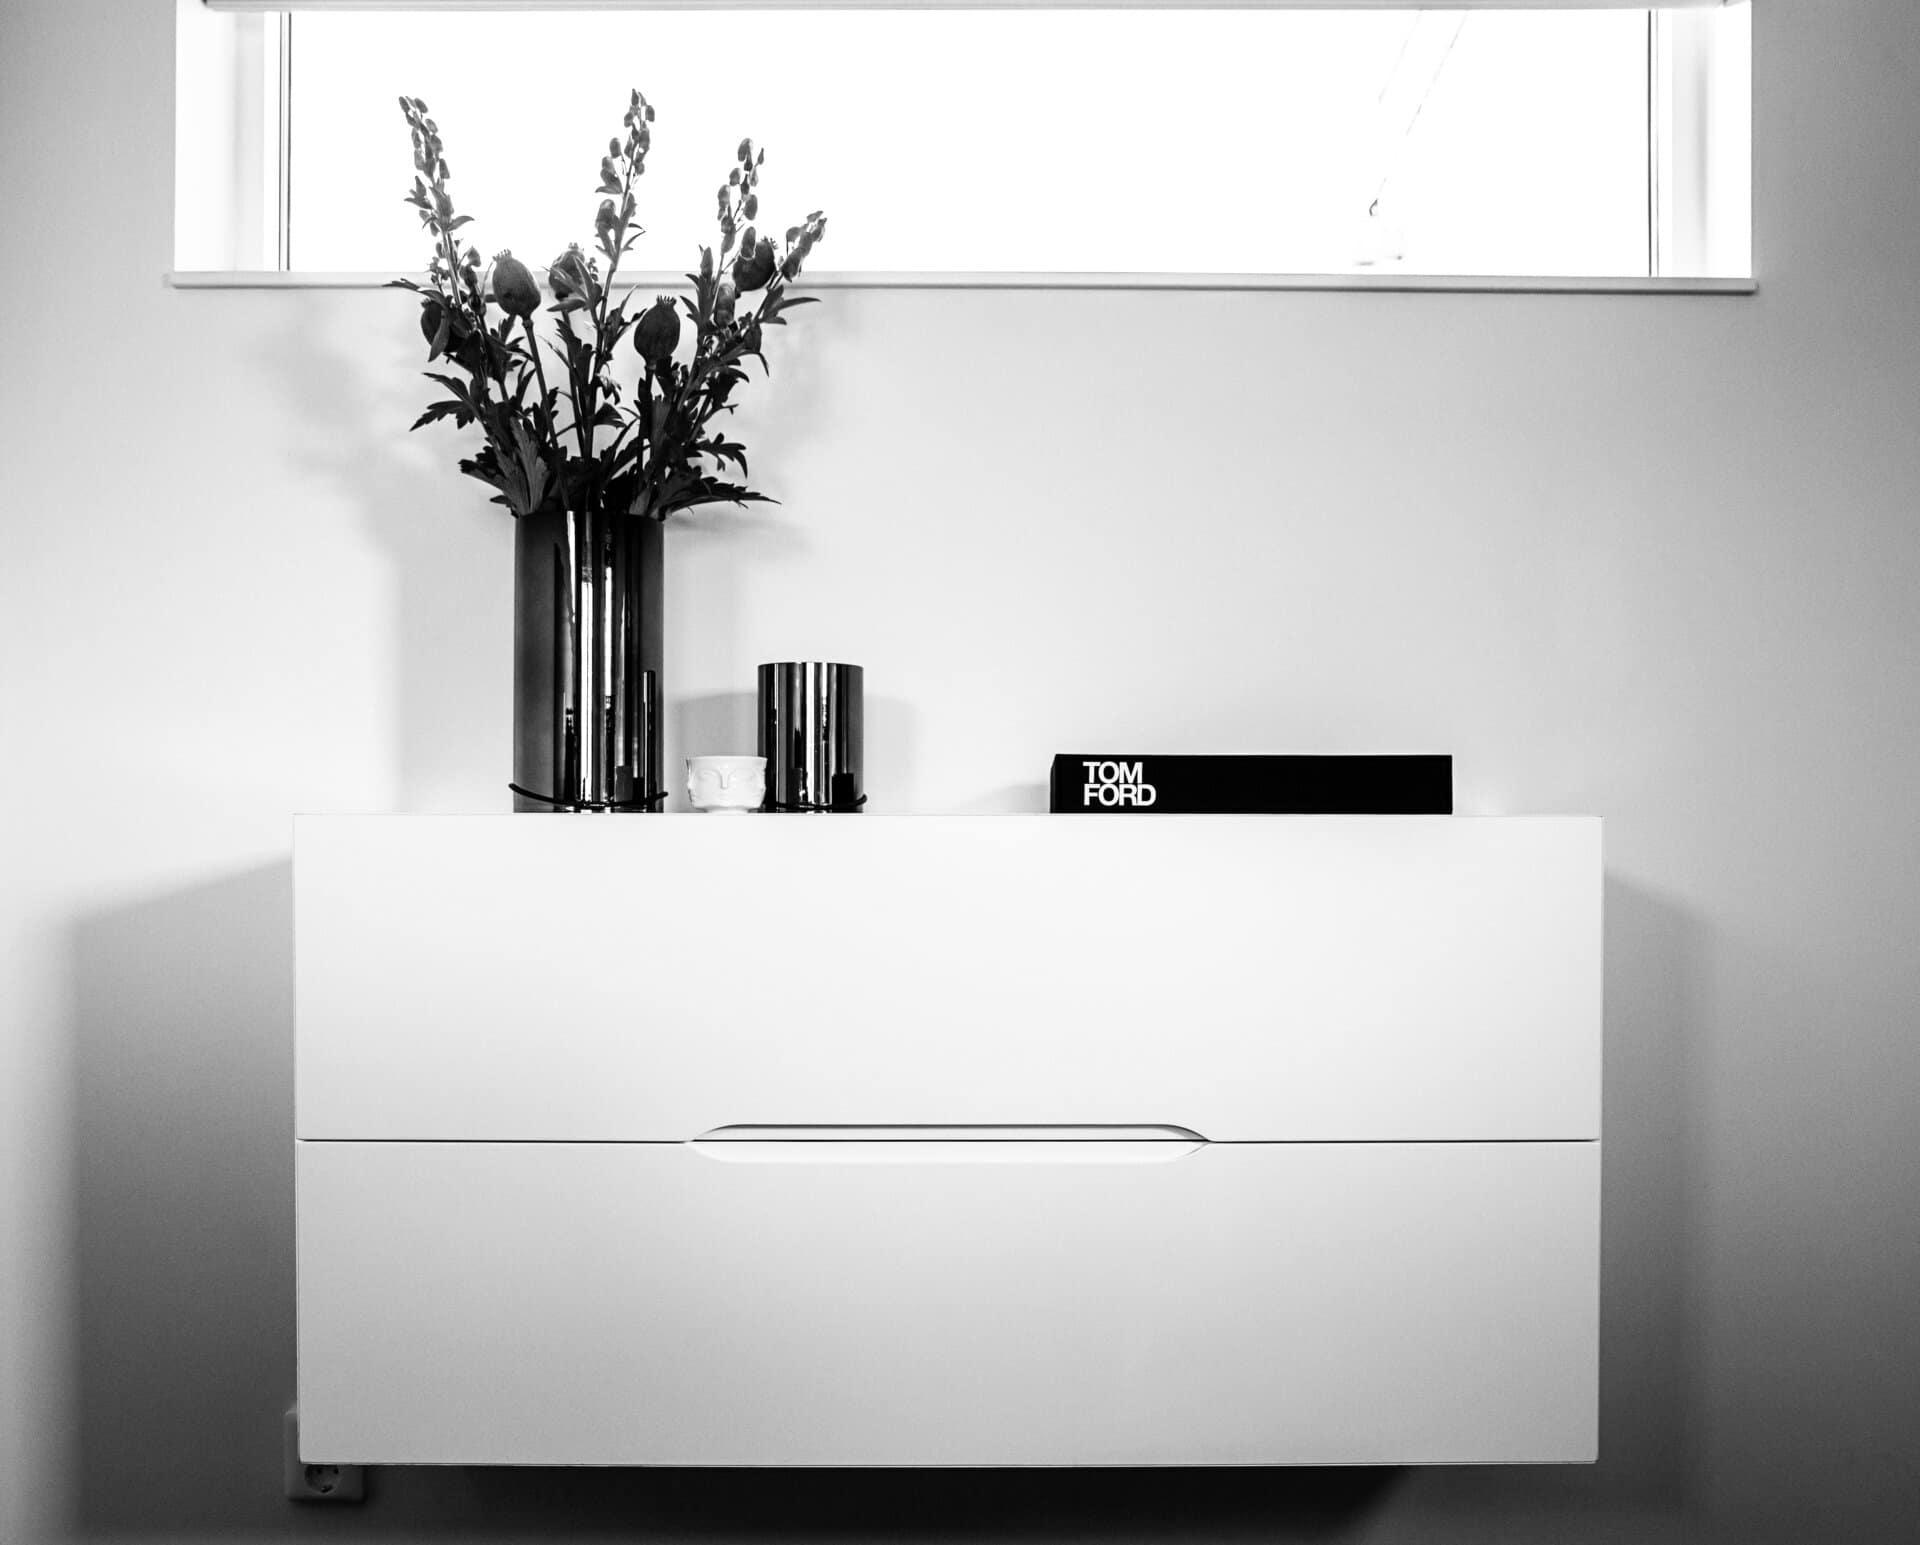 Platsbyggt byrå mediamöbel vit trimless girade hörn grepplist design Stiligt Perfektion upplevelse